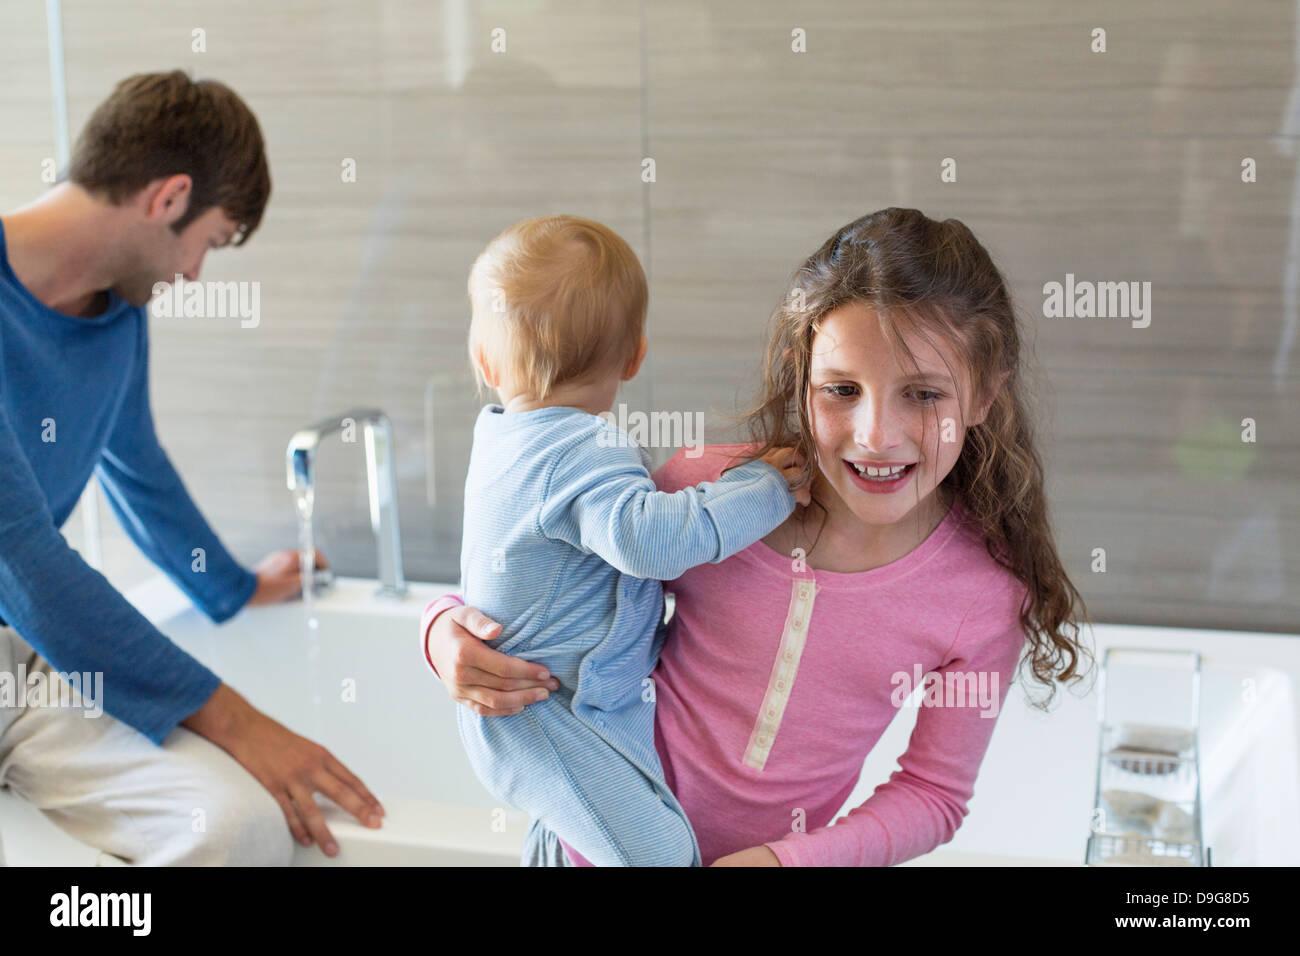 Mädchen lächelnd mit ihrem Bruder und ihrem Vater sitzt auf einem Wannenrand in einem Badezimmer Stockbild